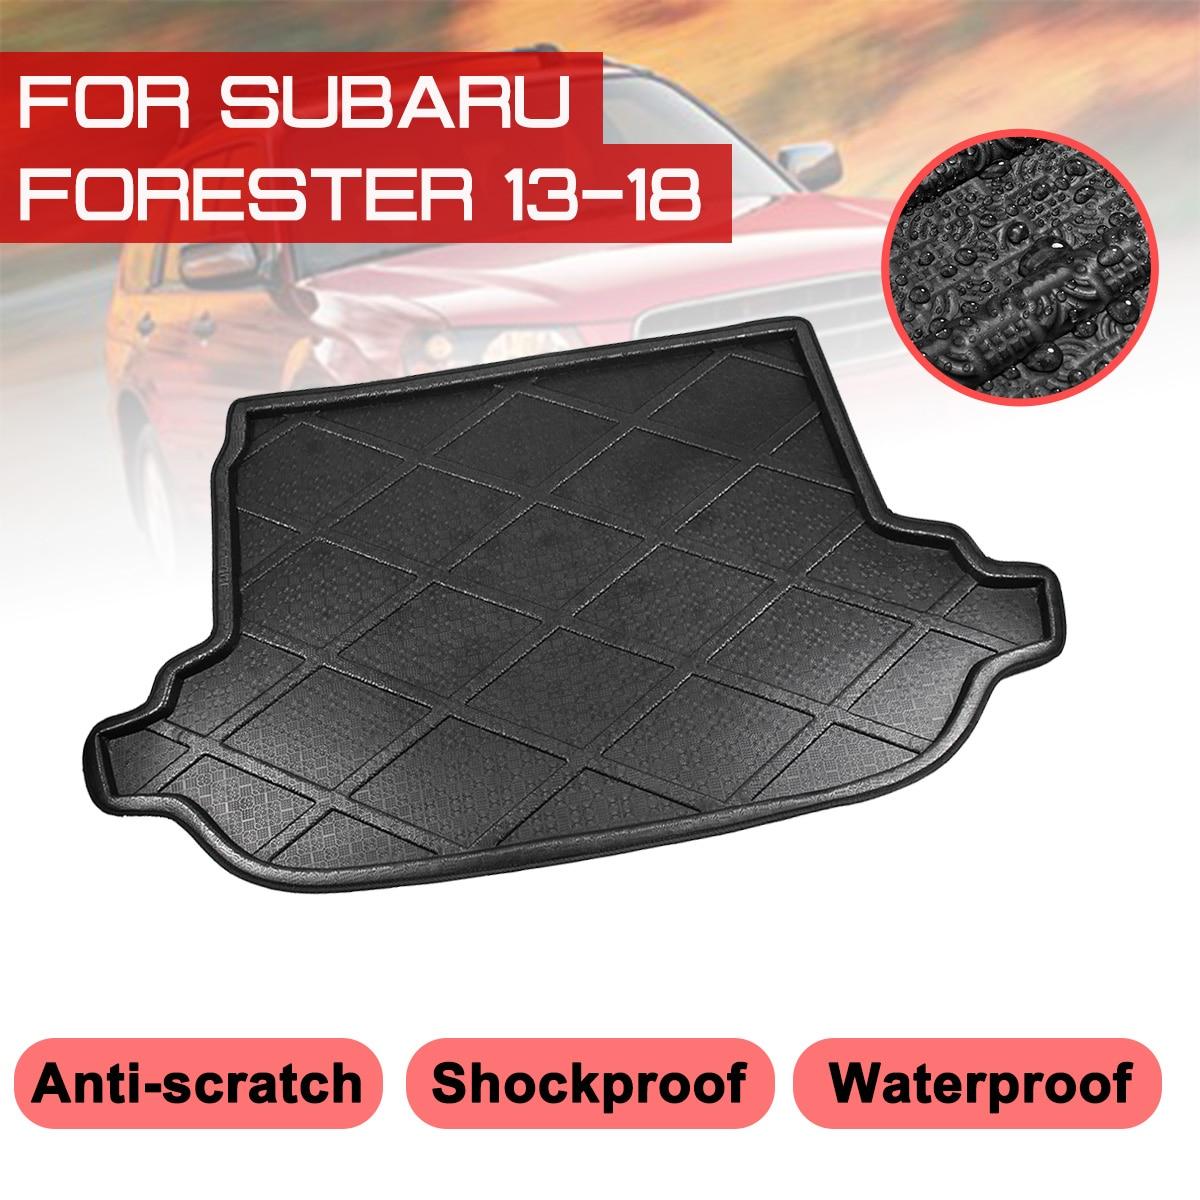 Araba arka bagaj önyükleme Mat Subaru Forester 2013 için 2014 2015 2016 2017 2018 su geçirmez paspaslar halı Anti çamur tepsi kargo astarı title=